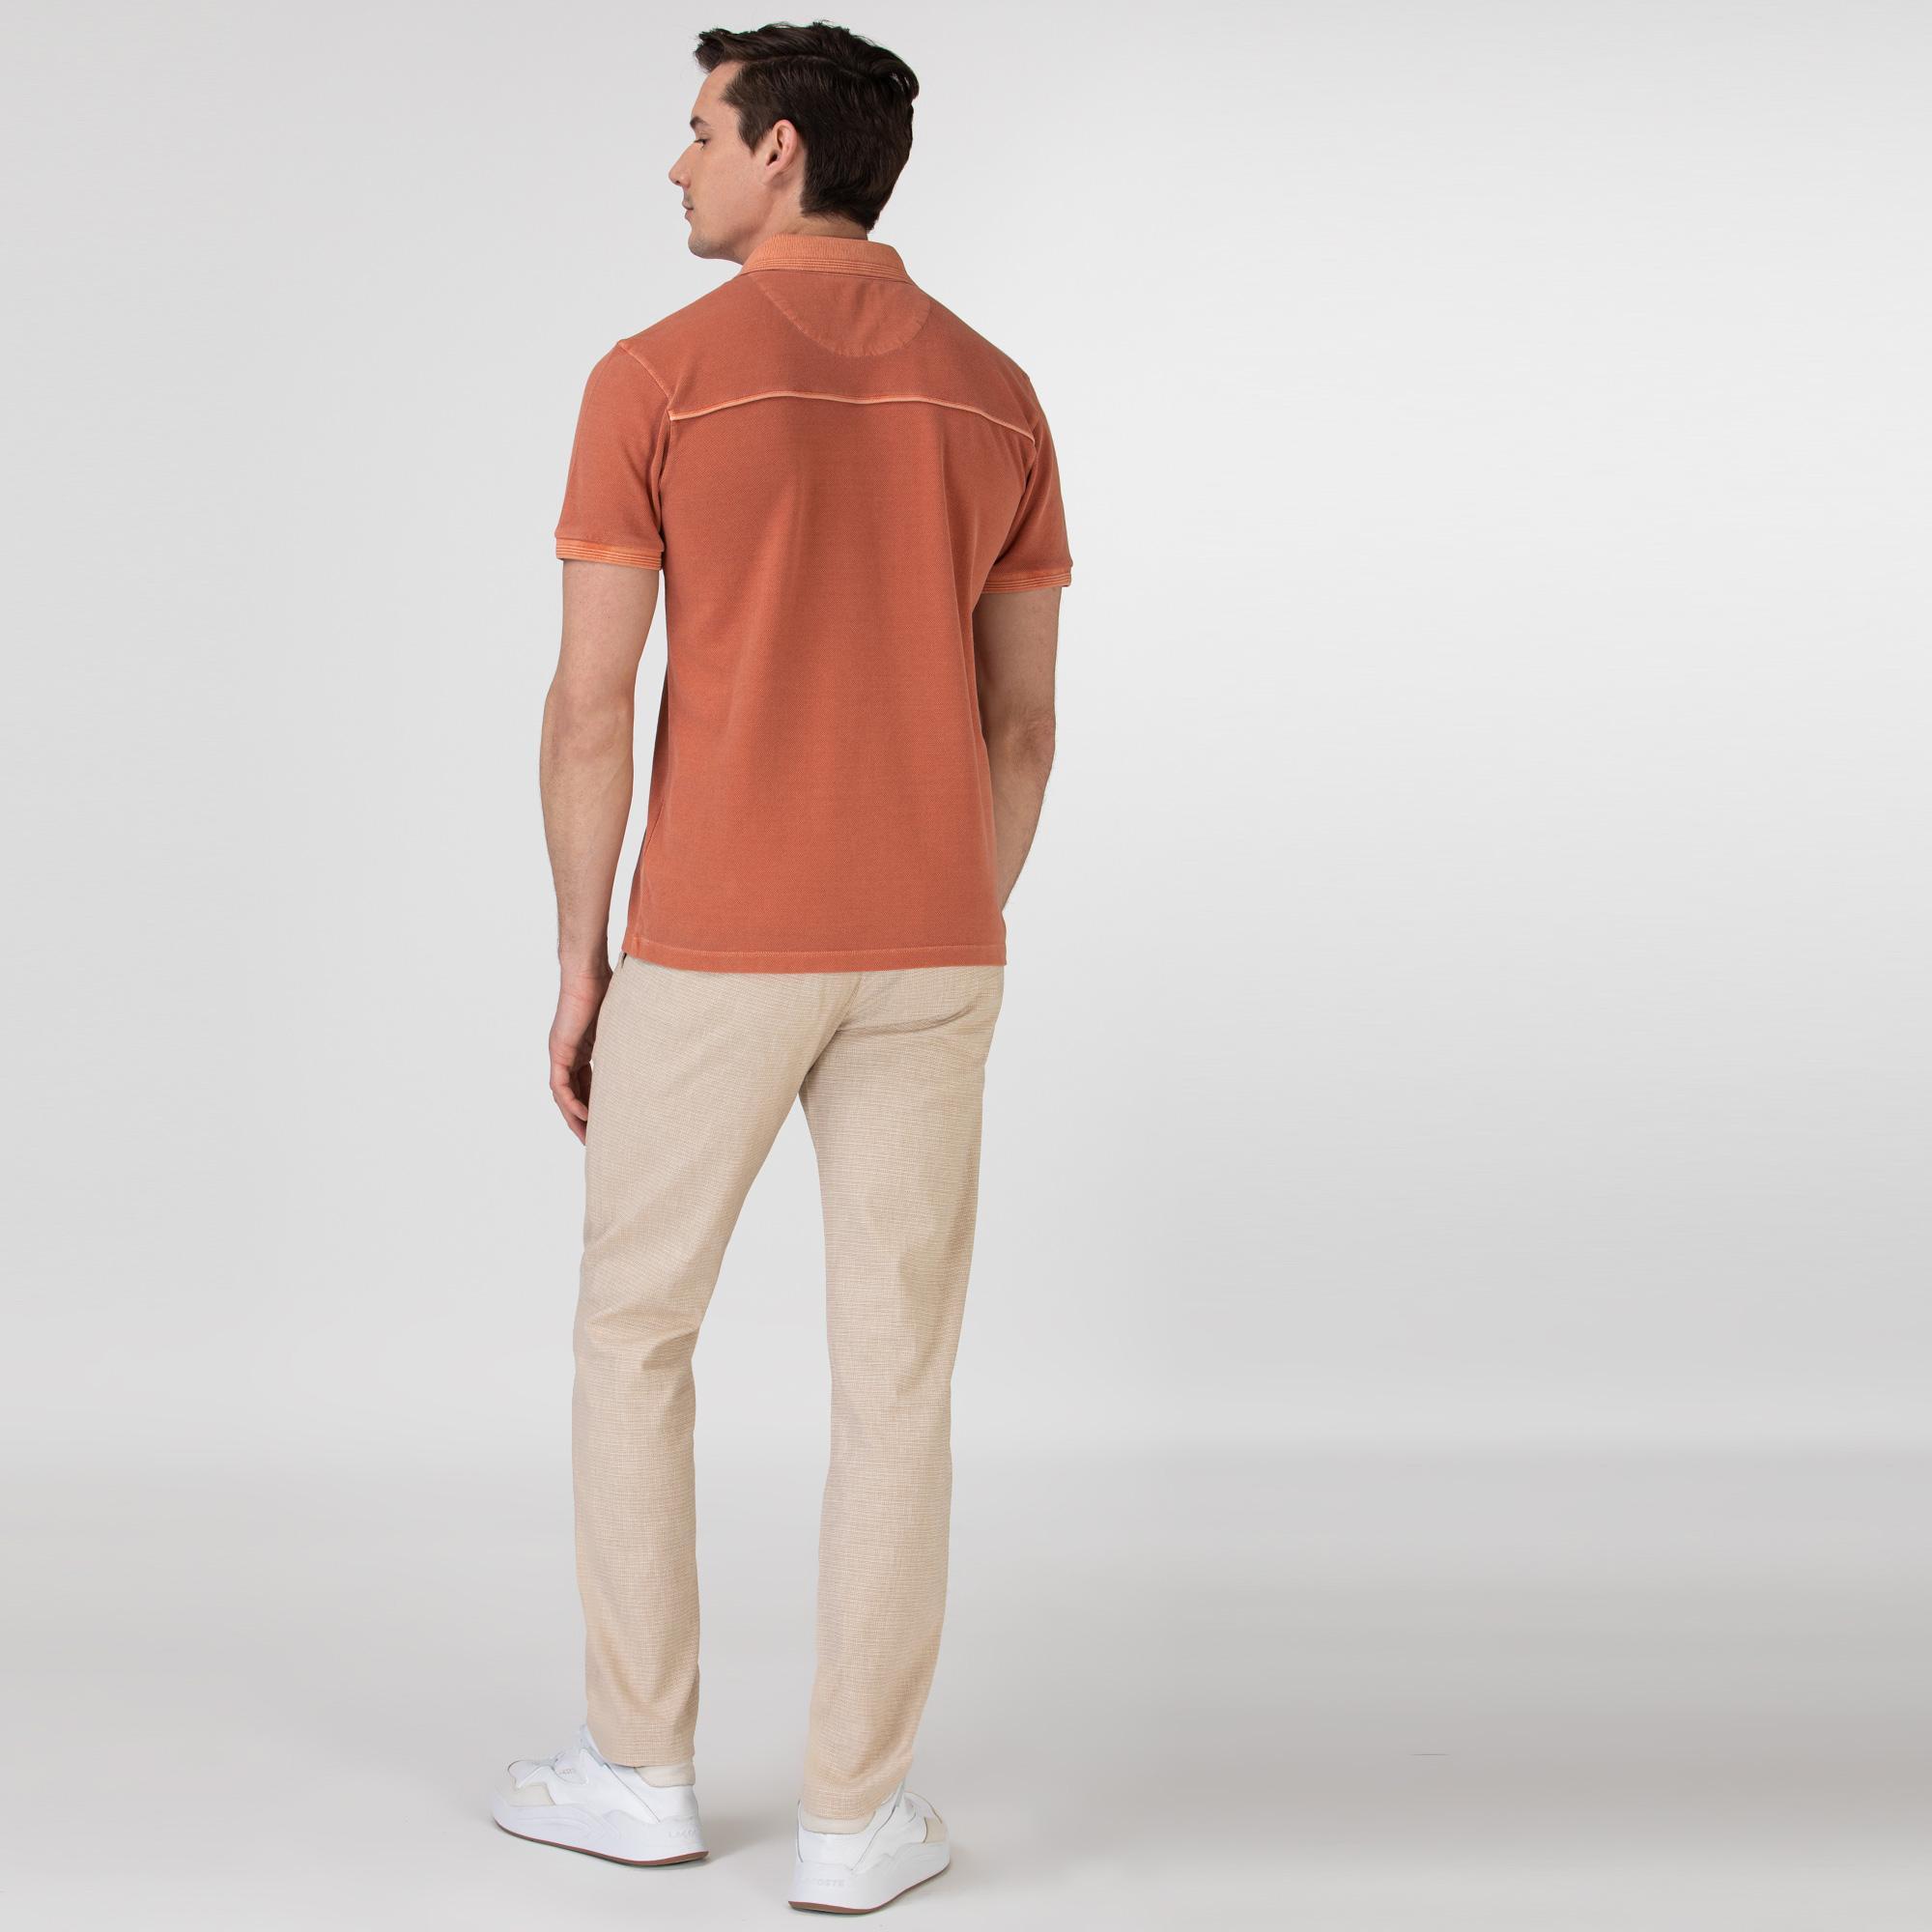 Lacoste Luźne spodnie męskie